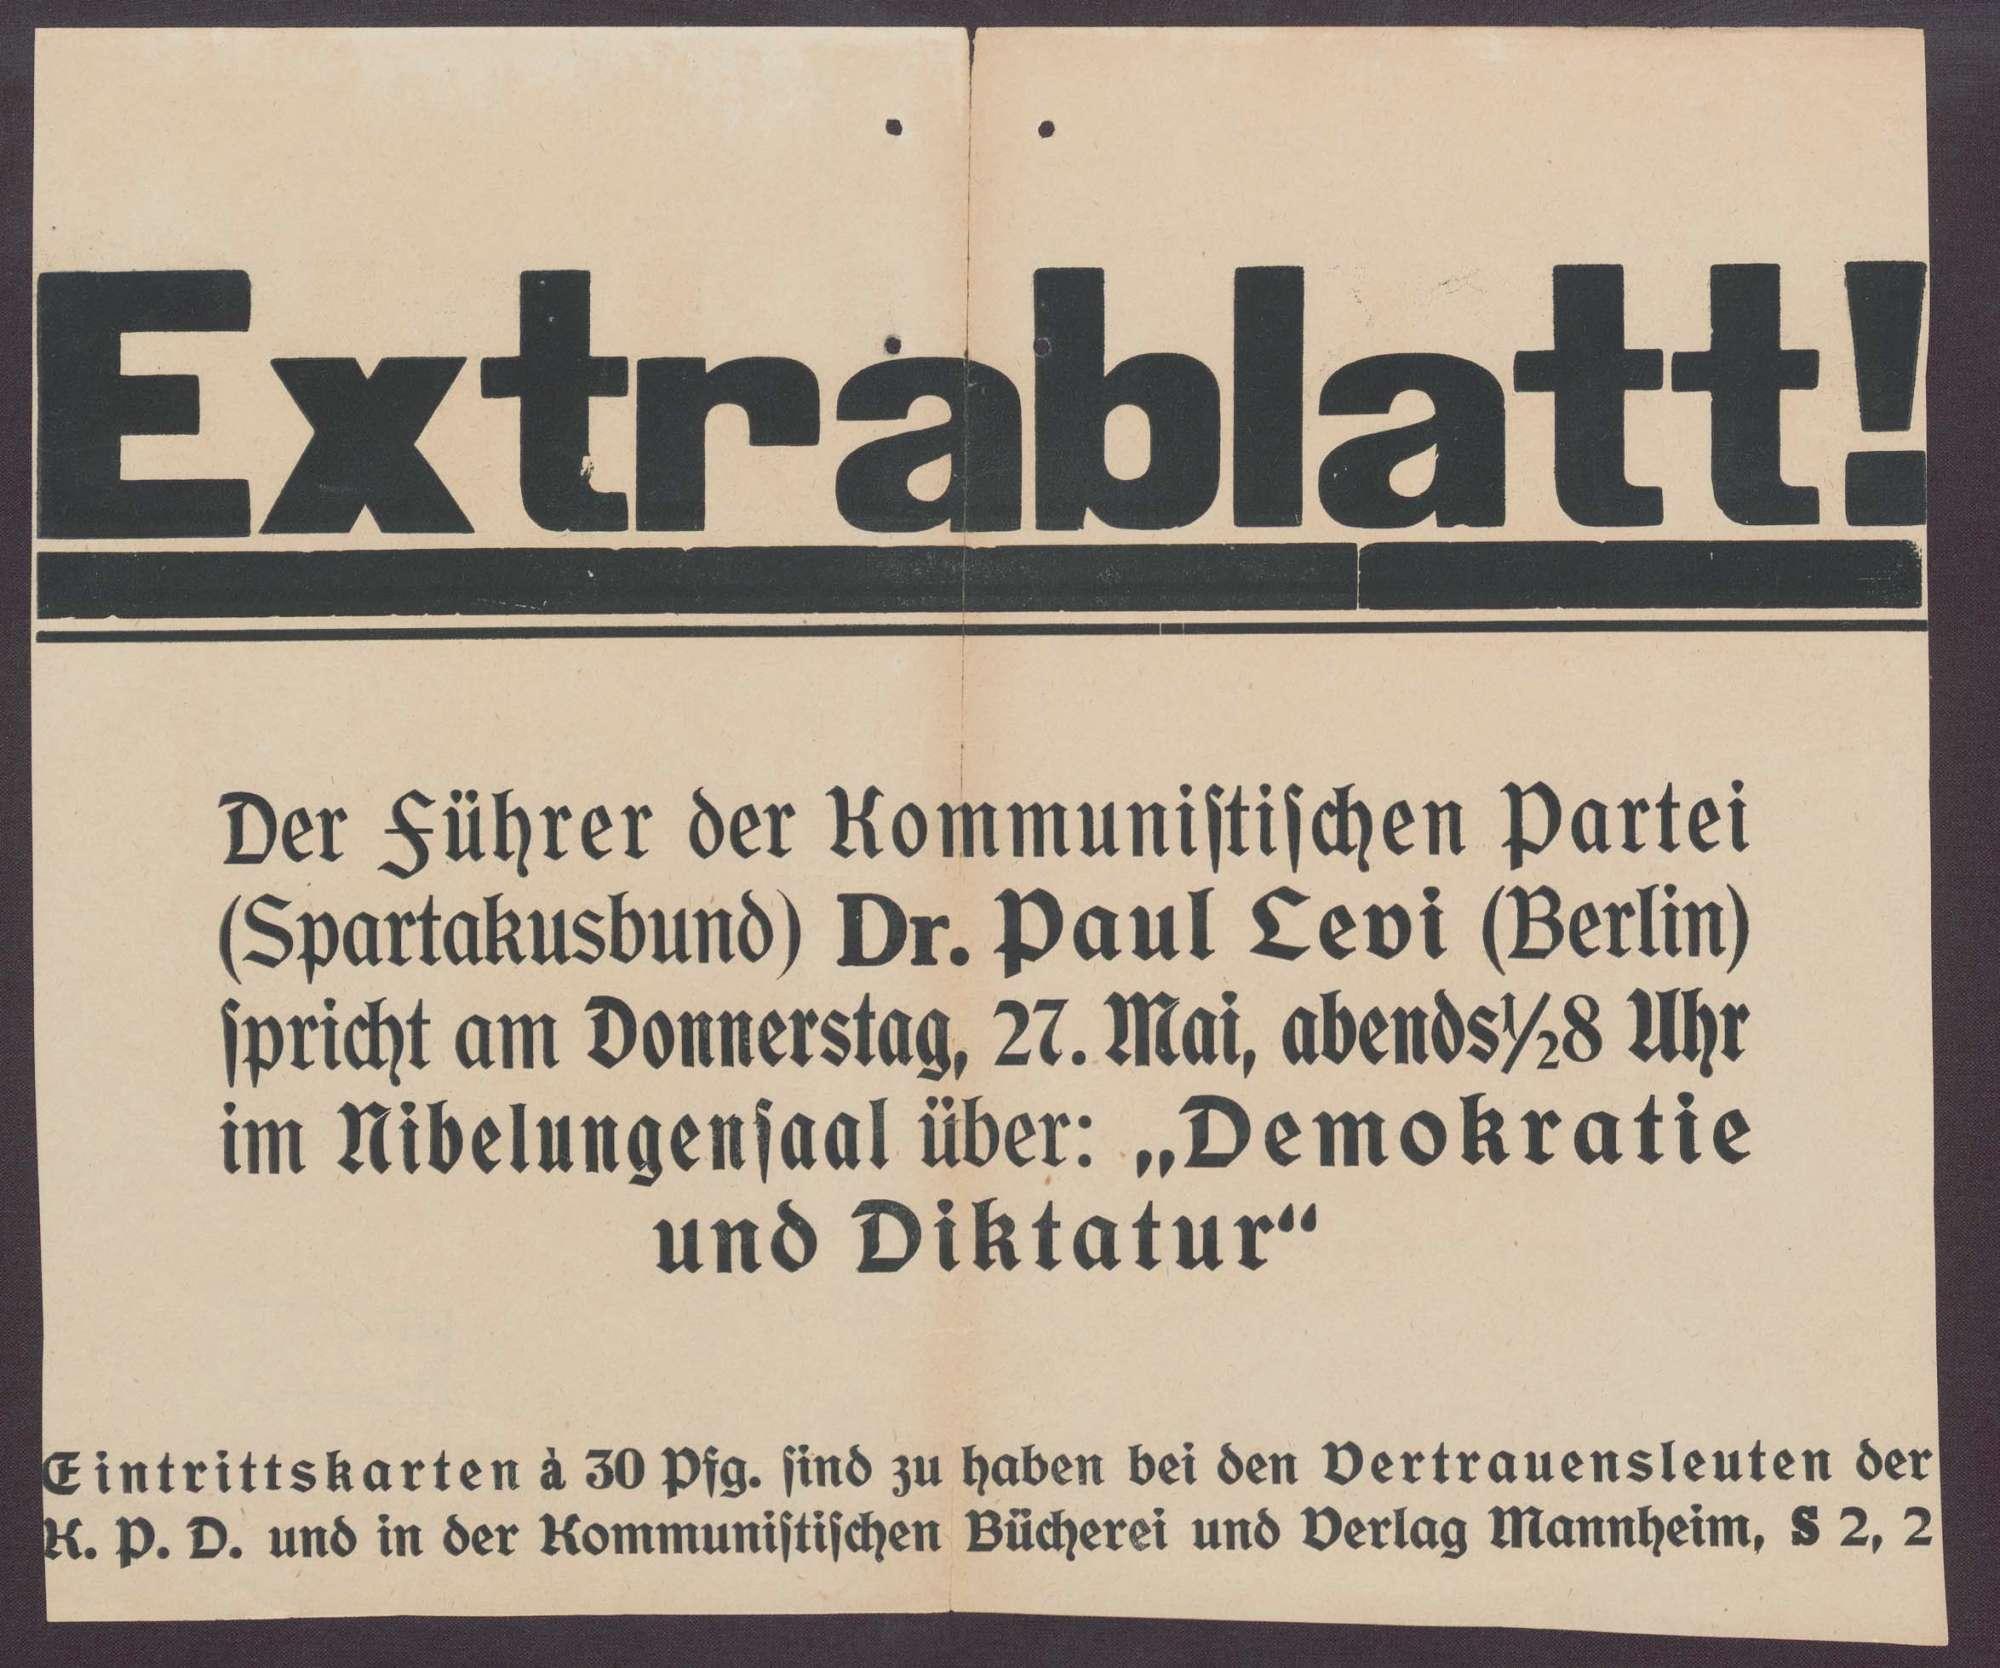 """""""Extrablatt. Der Führer der Kommunistischen Partei (Spartakusbund), Dr. Paul Levi (Berlin), spricht [..] im Nibelungensaal über Demokratie und Diktatur"""", Bild 1"""